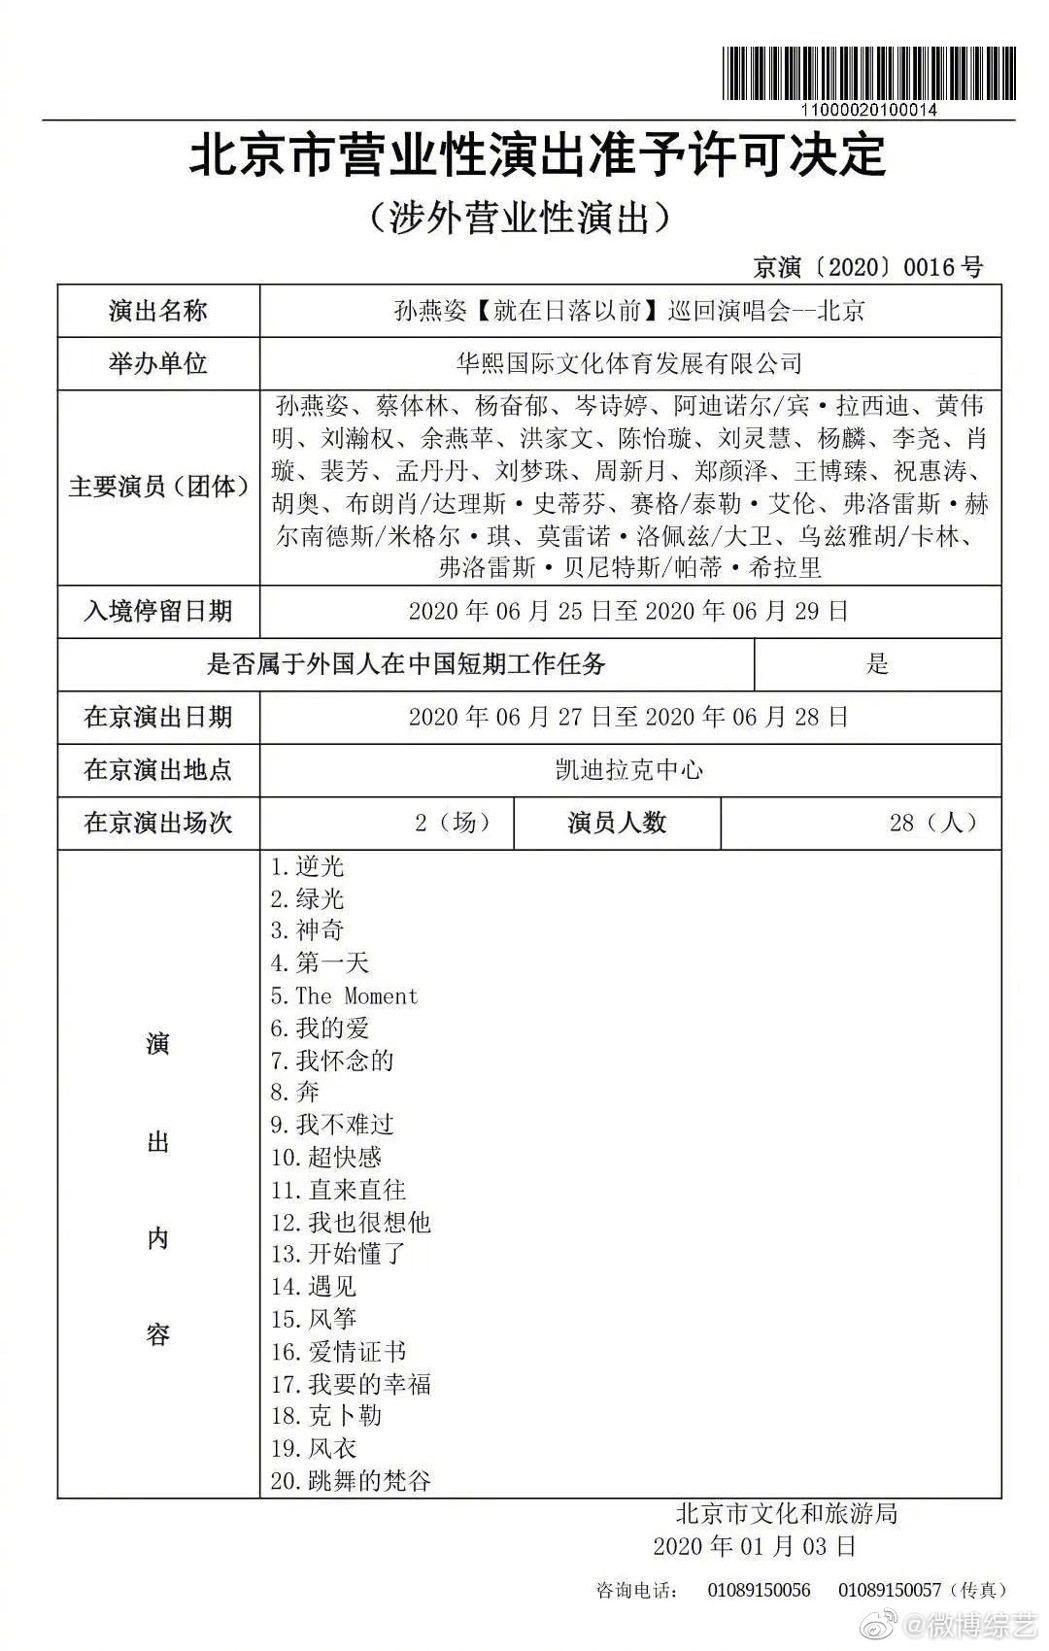 孫燕姿演唱會北京批文流出。圖/摘自微博